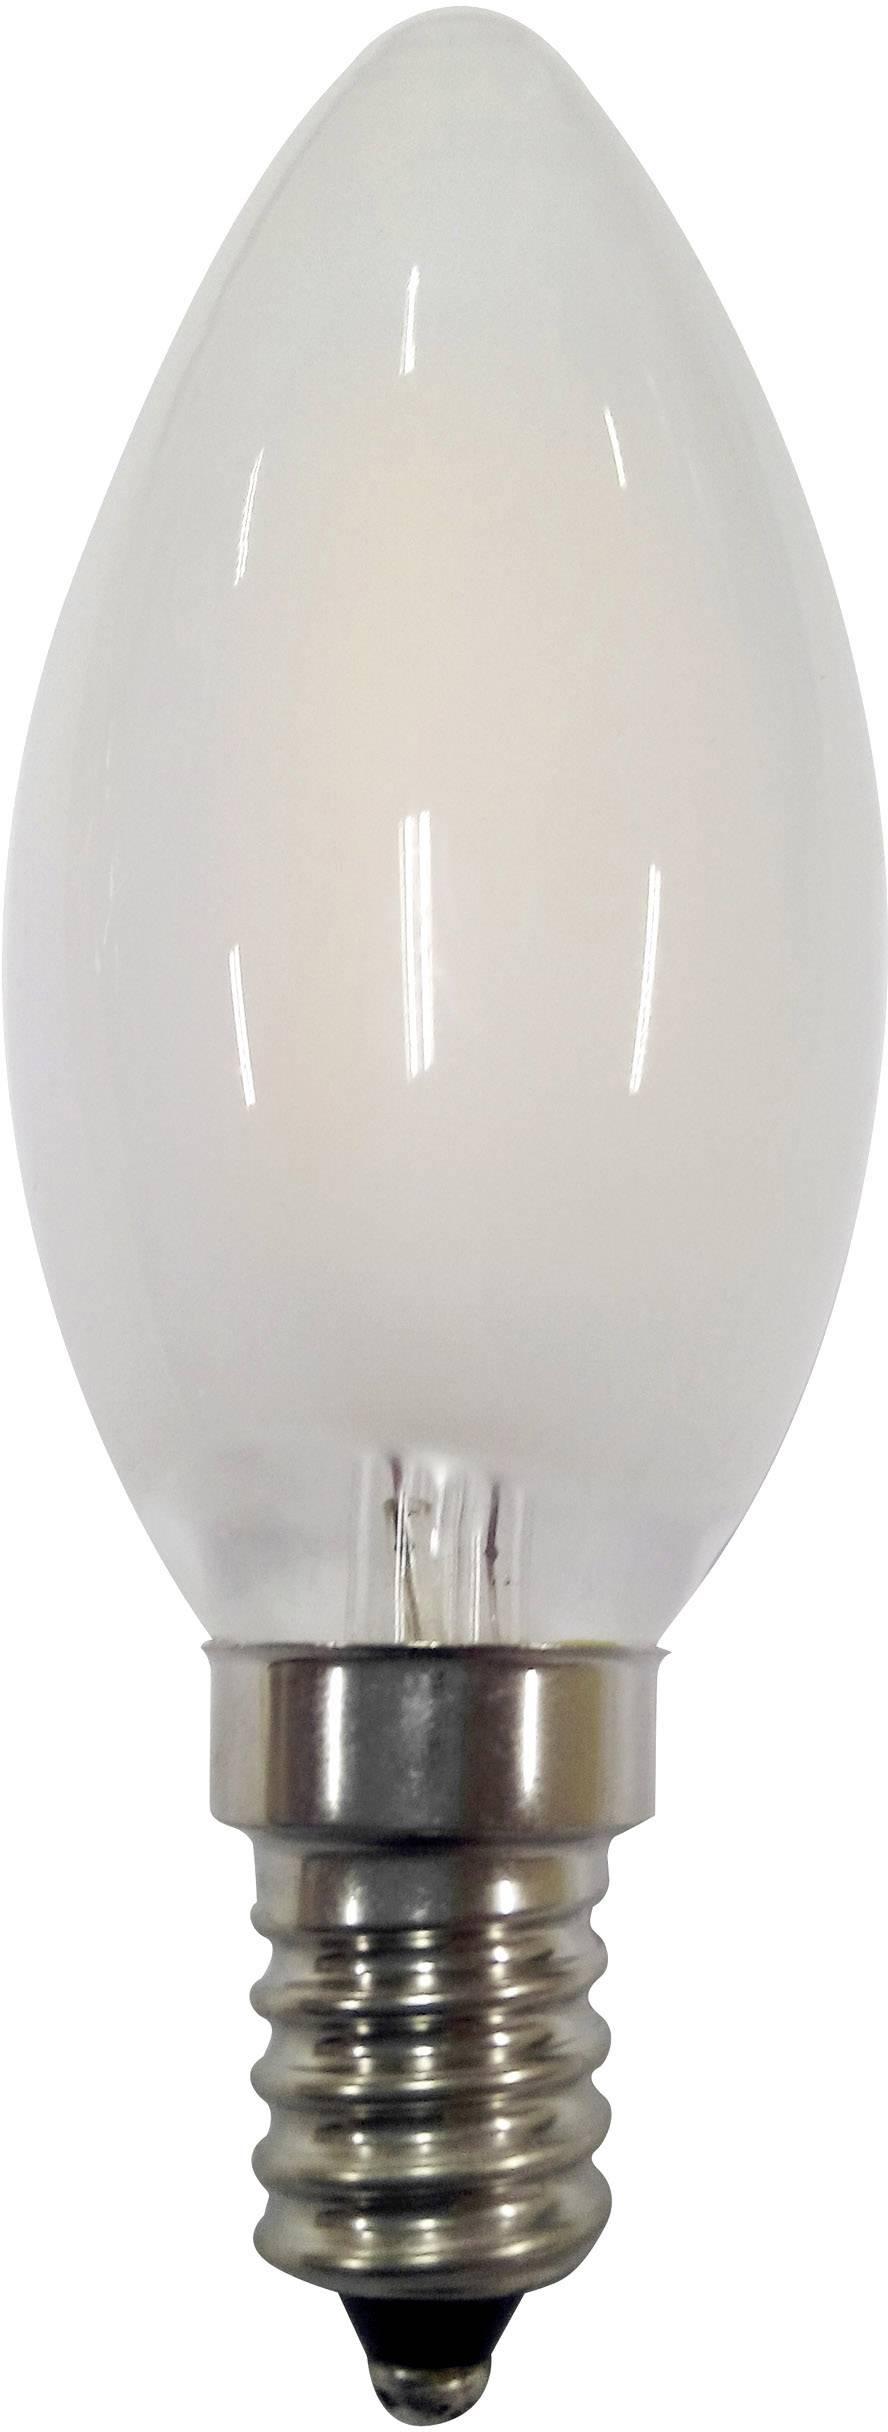 LED žiarovka Segula 60474 230 V, 2 W = 25 W, teplá biela, A++, vlákno, 1 ks